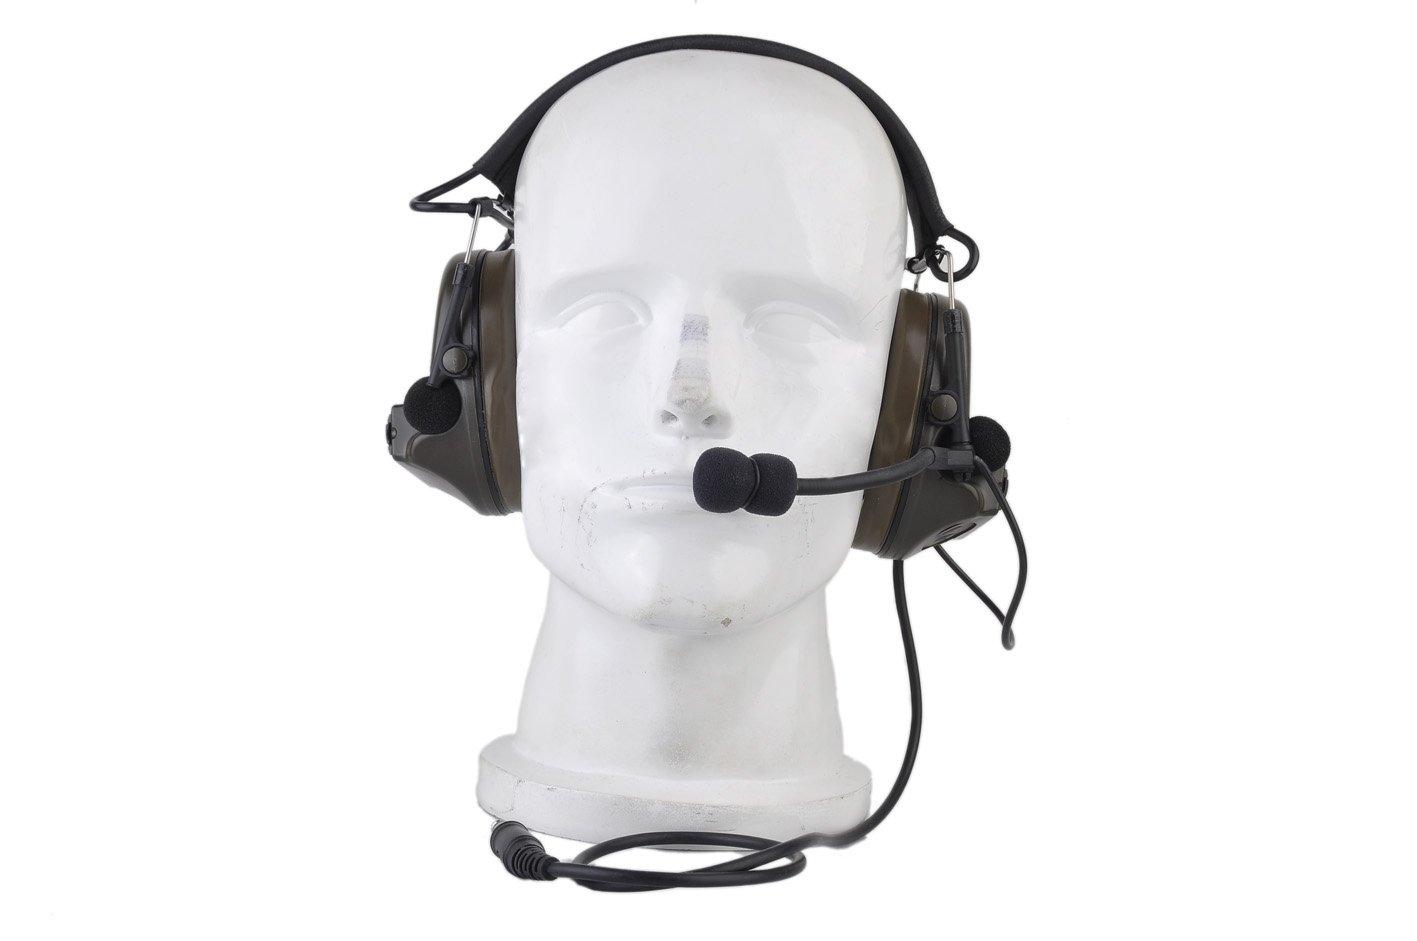 ... auriculares cancelación de ruido auriculares, táctica, anti ruido auriculares, al aire libre auriculares, Walkie Talkie, caza: Amazon.es: Electrónica